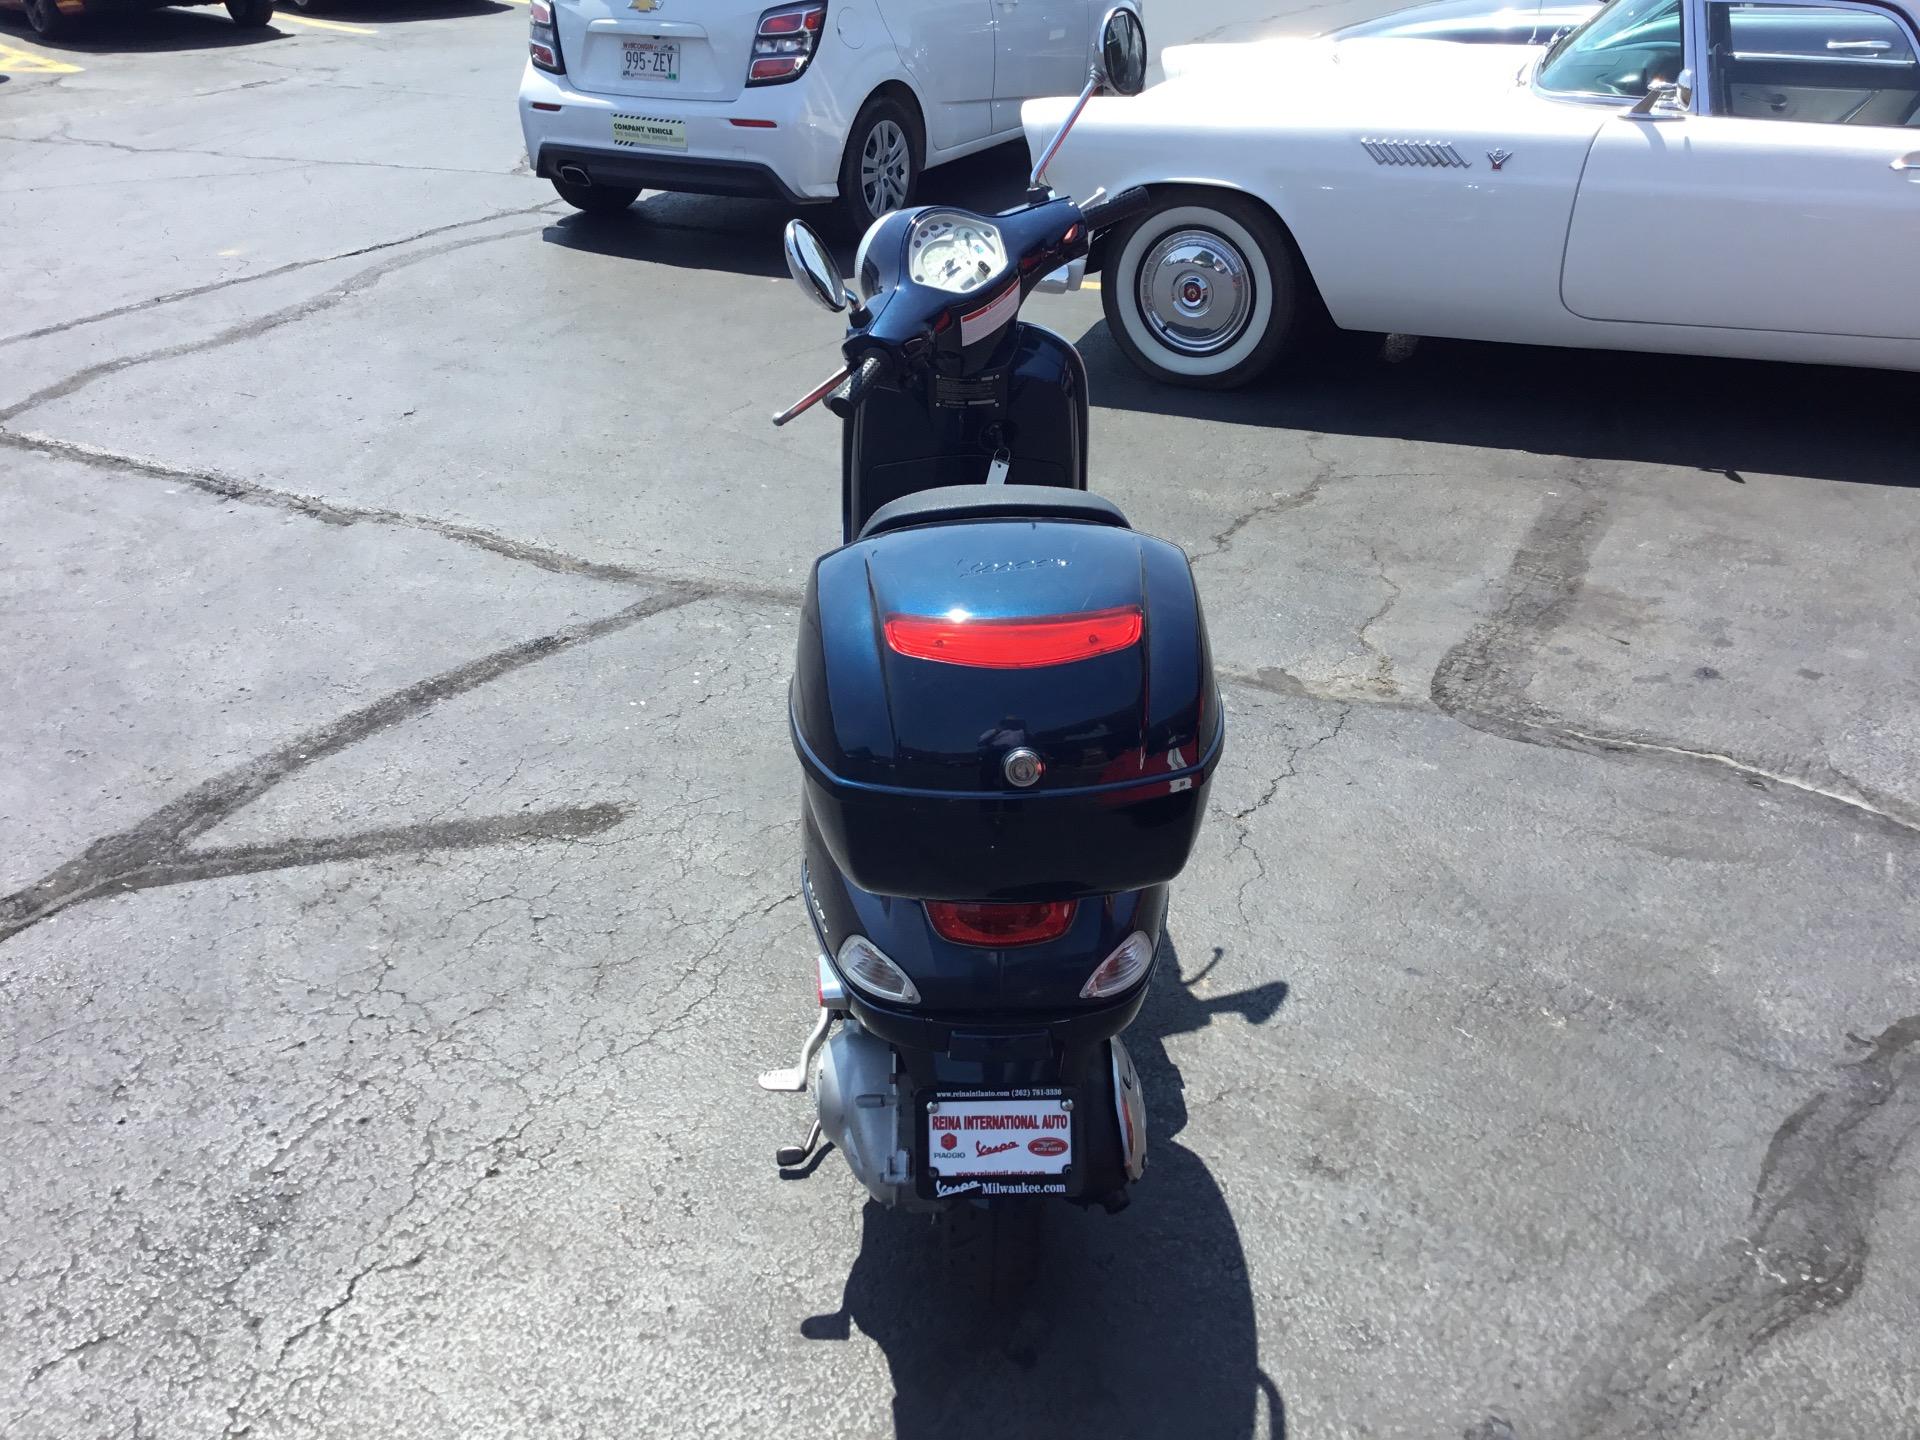 Used-2009-VESPA-LX-150